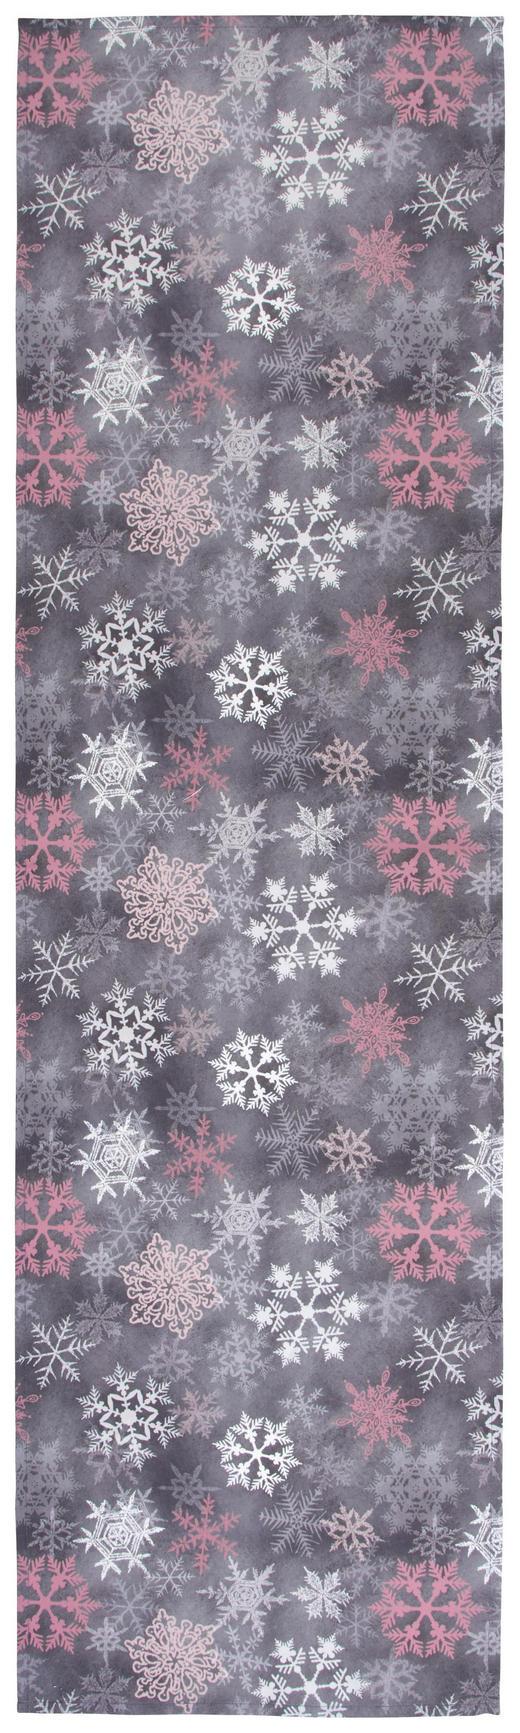 TISCHLÄUFER Textil Grau, Rosa, Weiß 40/140 cm - Rosa/Weiß, KONVENTIONELL, Textil (40/140cm) - X-Mas